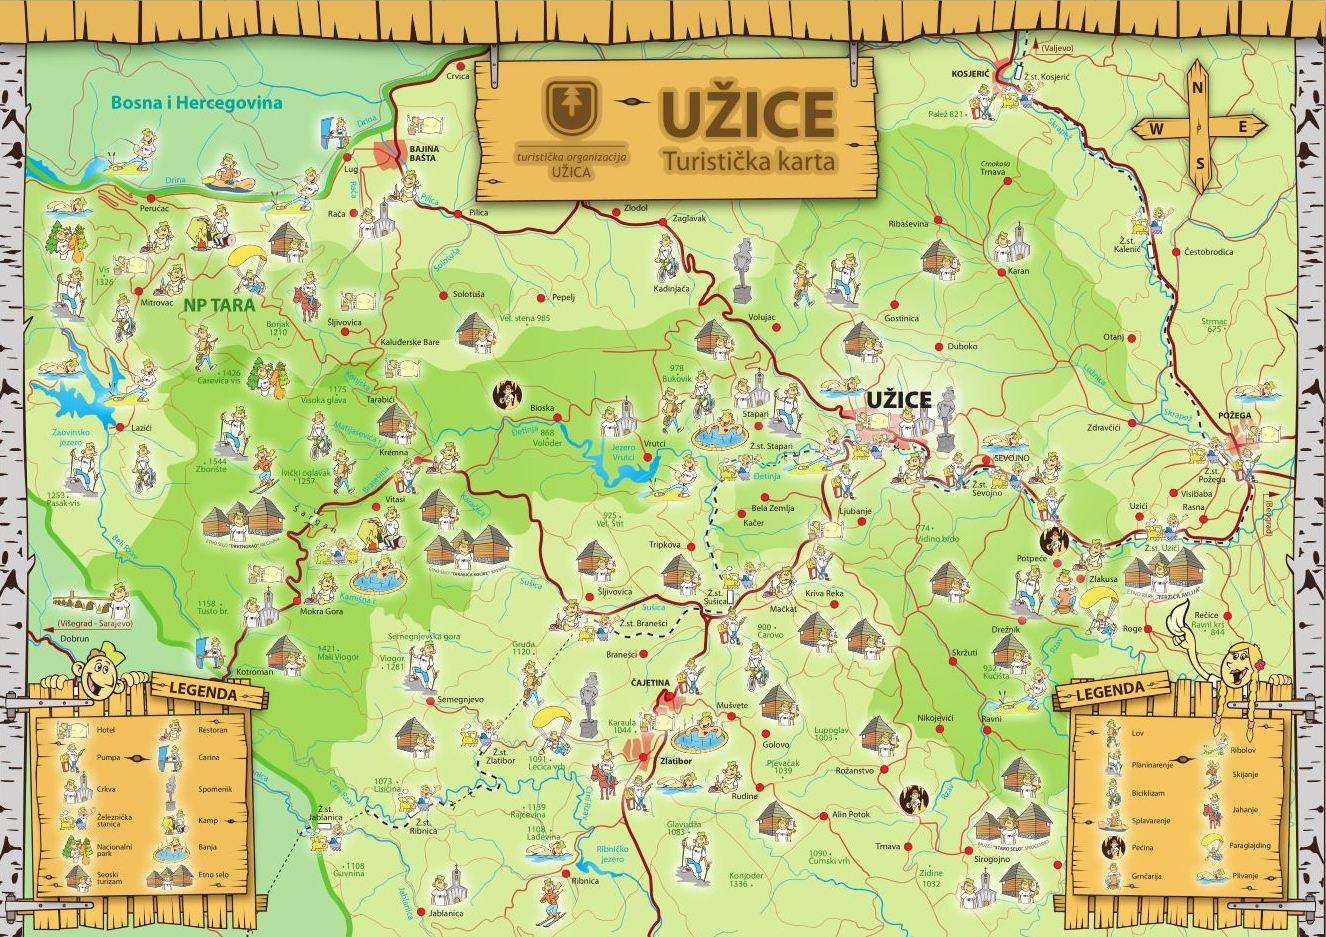 Mape Turisticka Organizacija Uzica